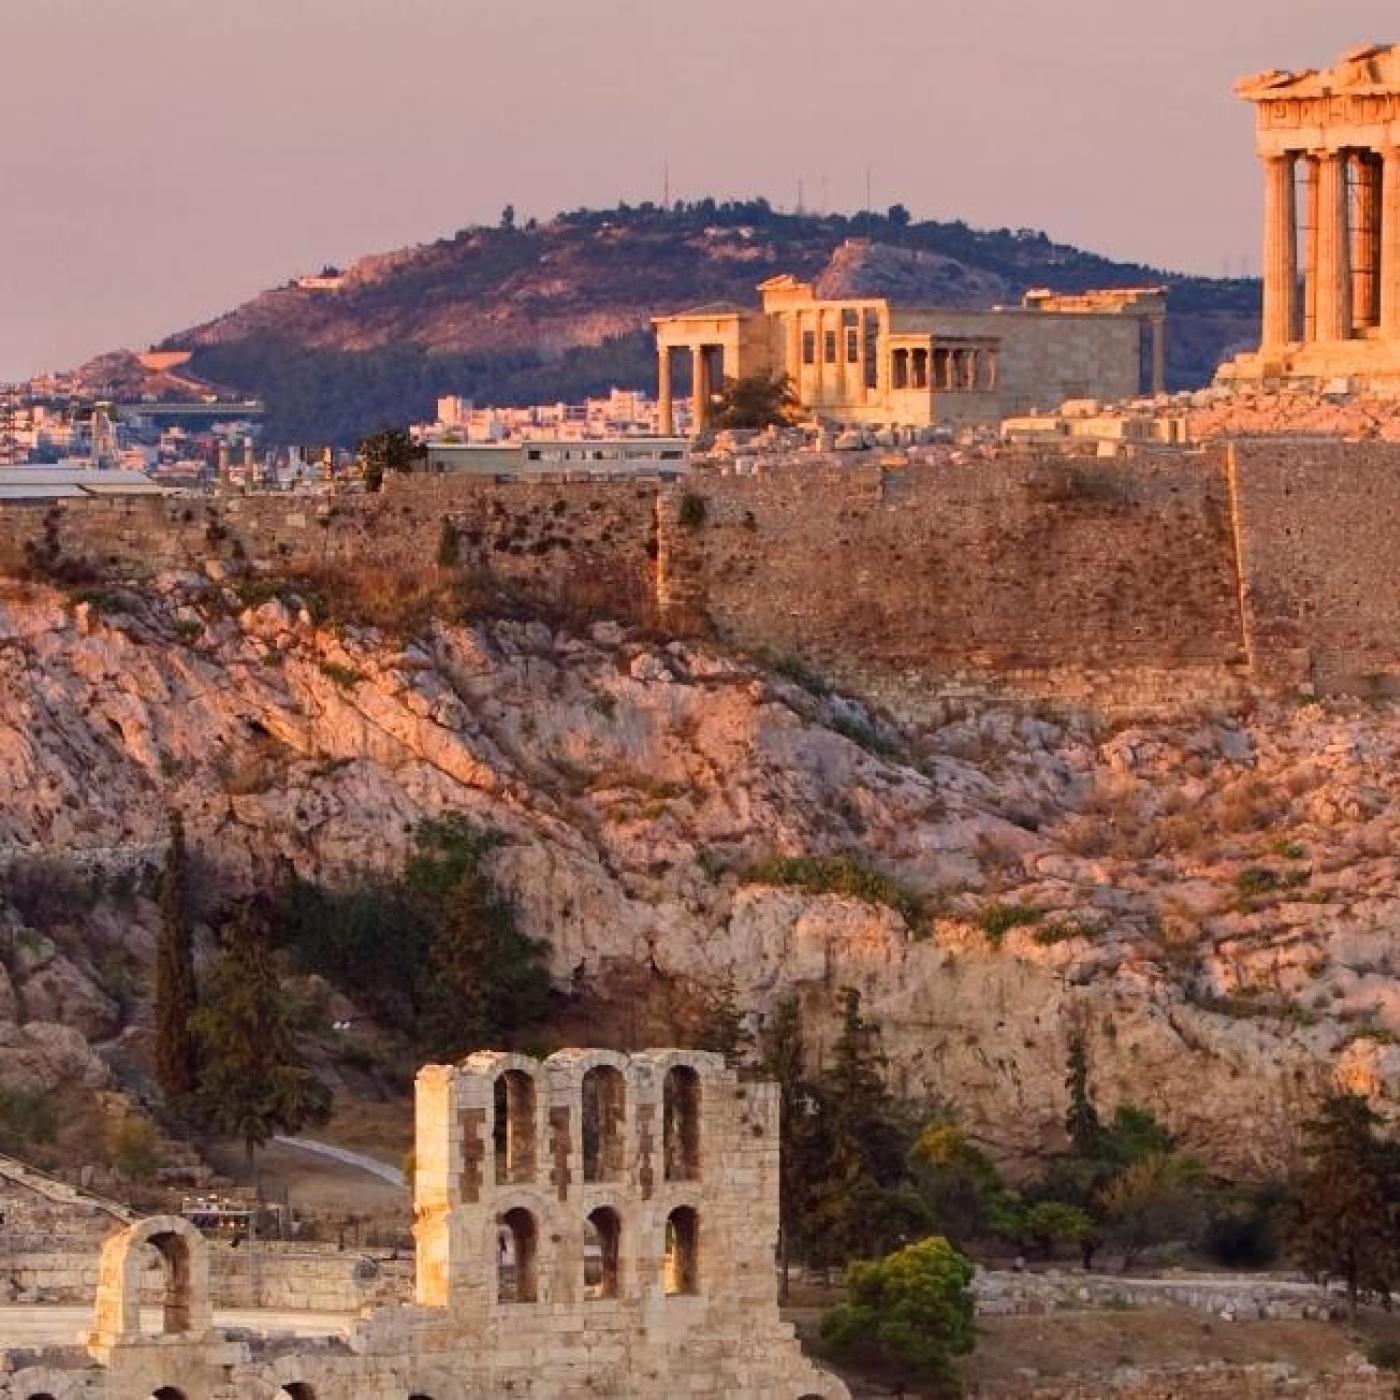 Yvan à Athènes - Grèce - 09 12 2020 - StereoChic Radio